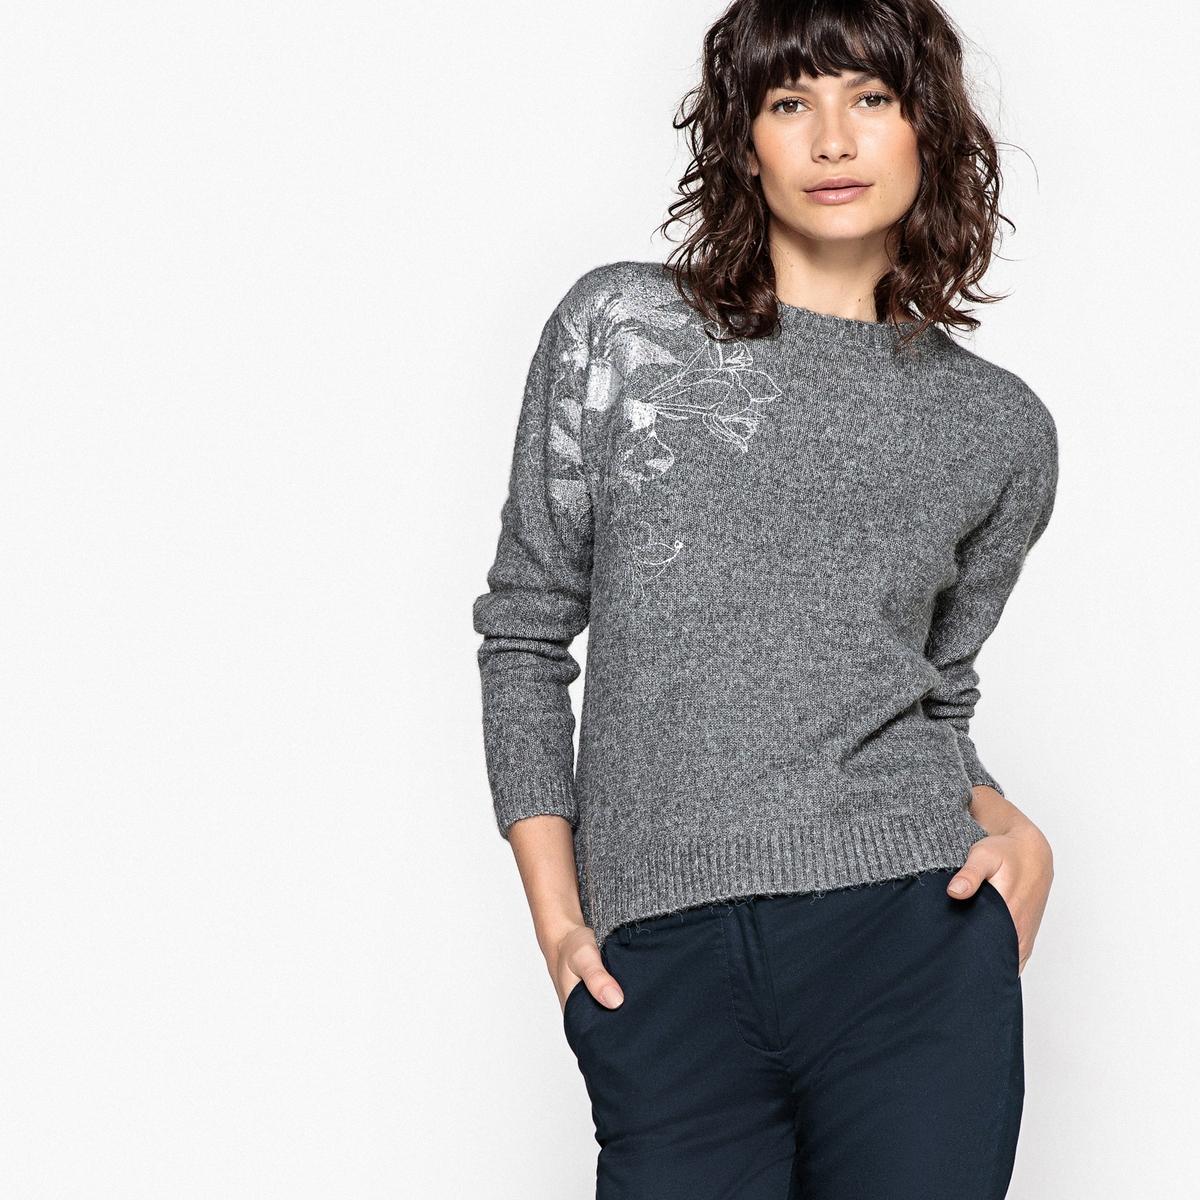 Sweter z okrągłym dekoltem, nadruk z połyskiem